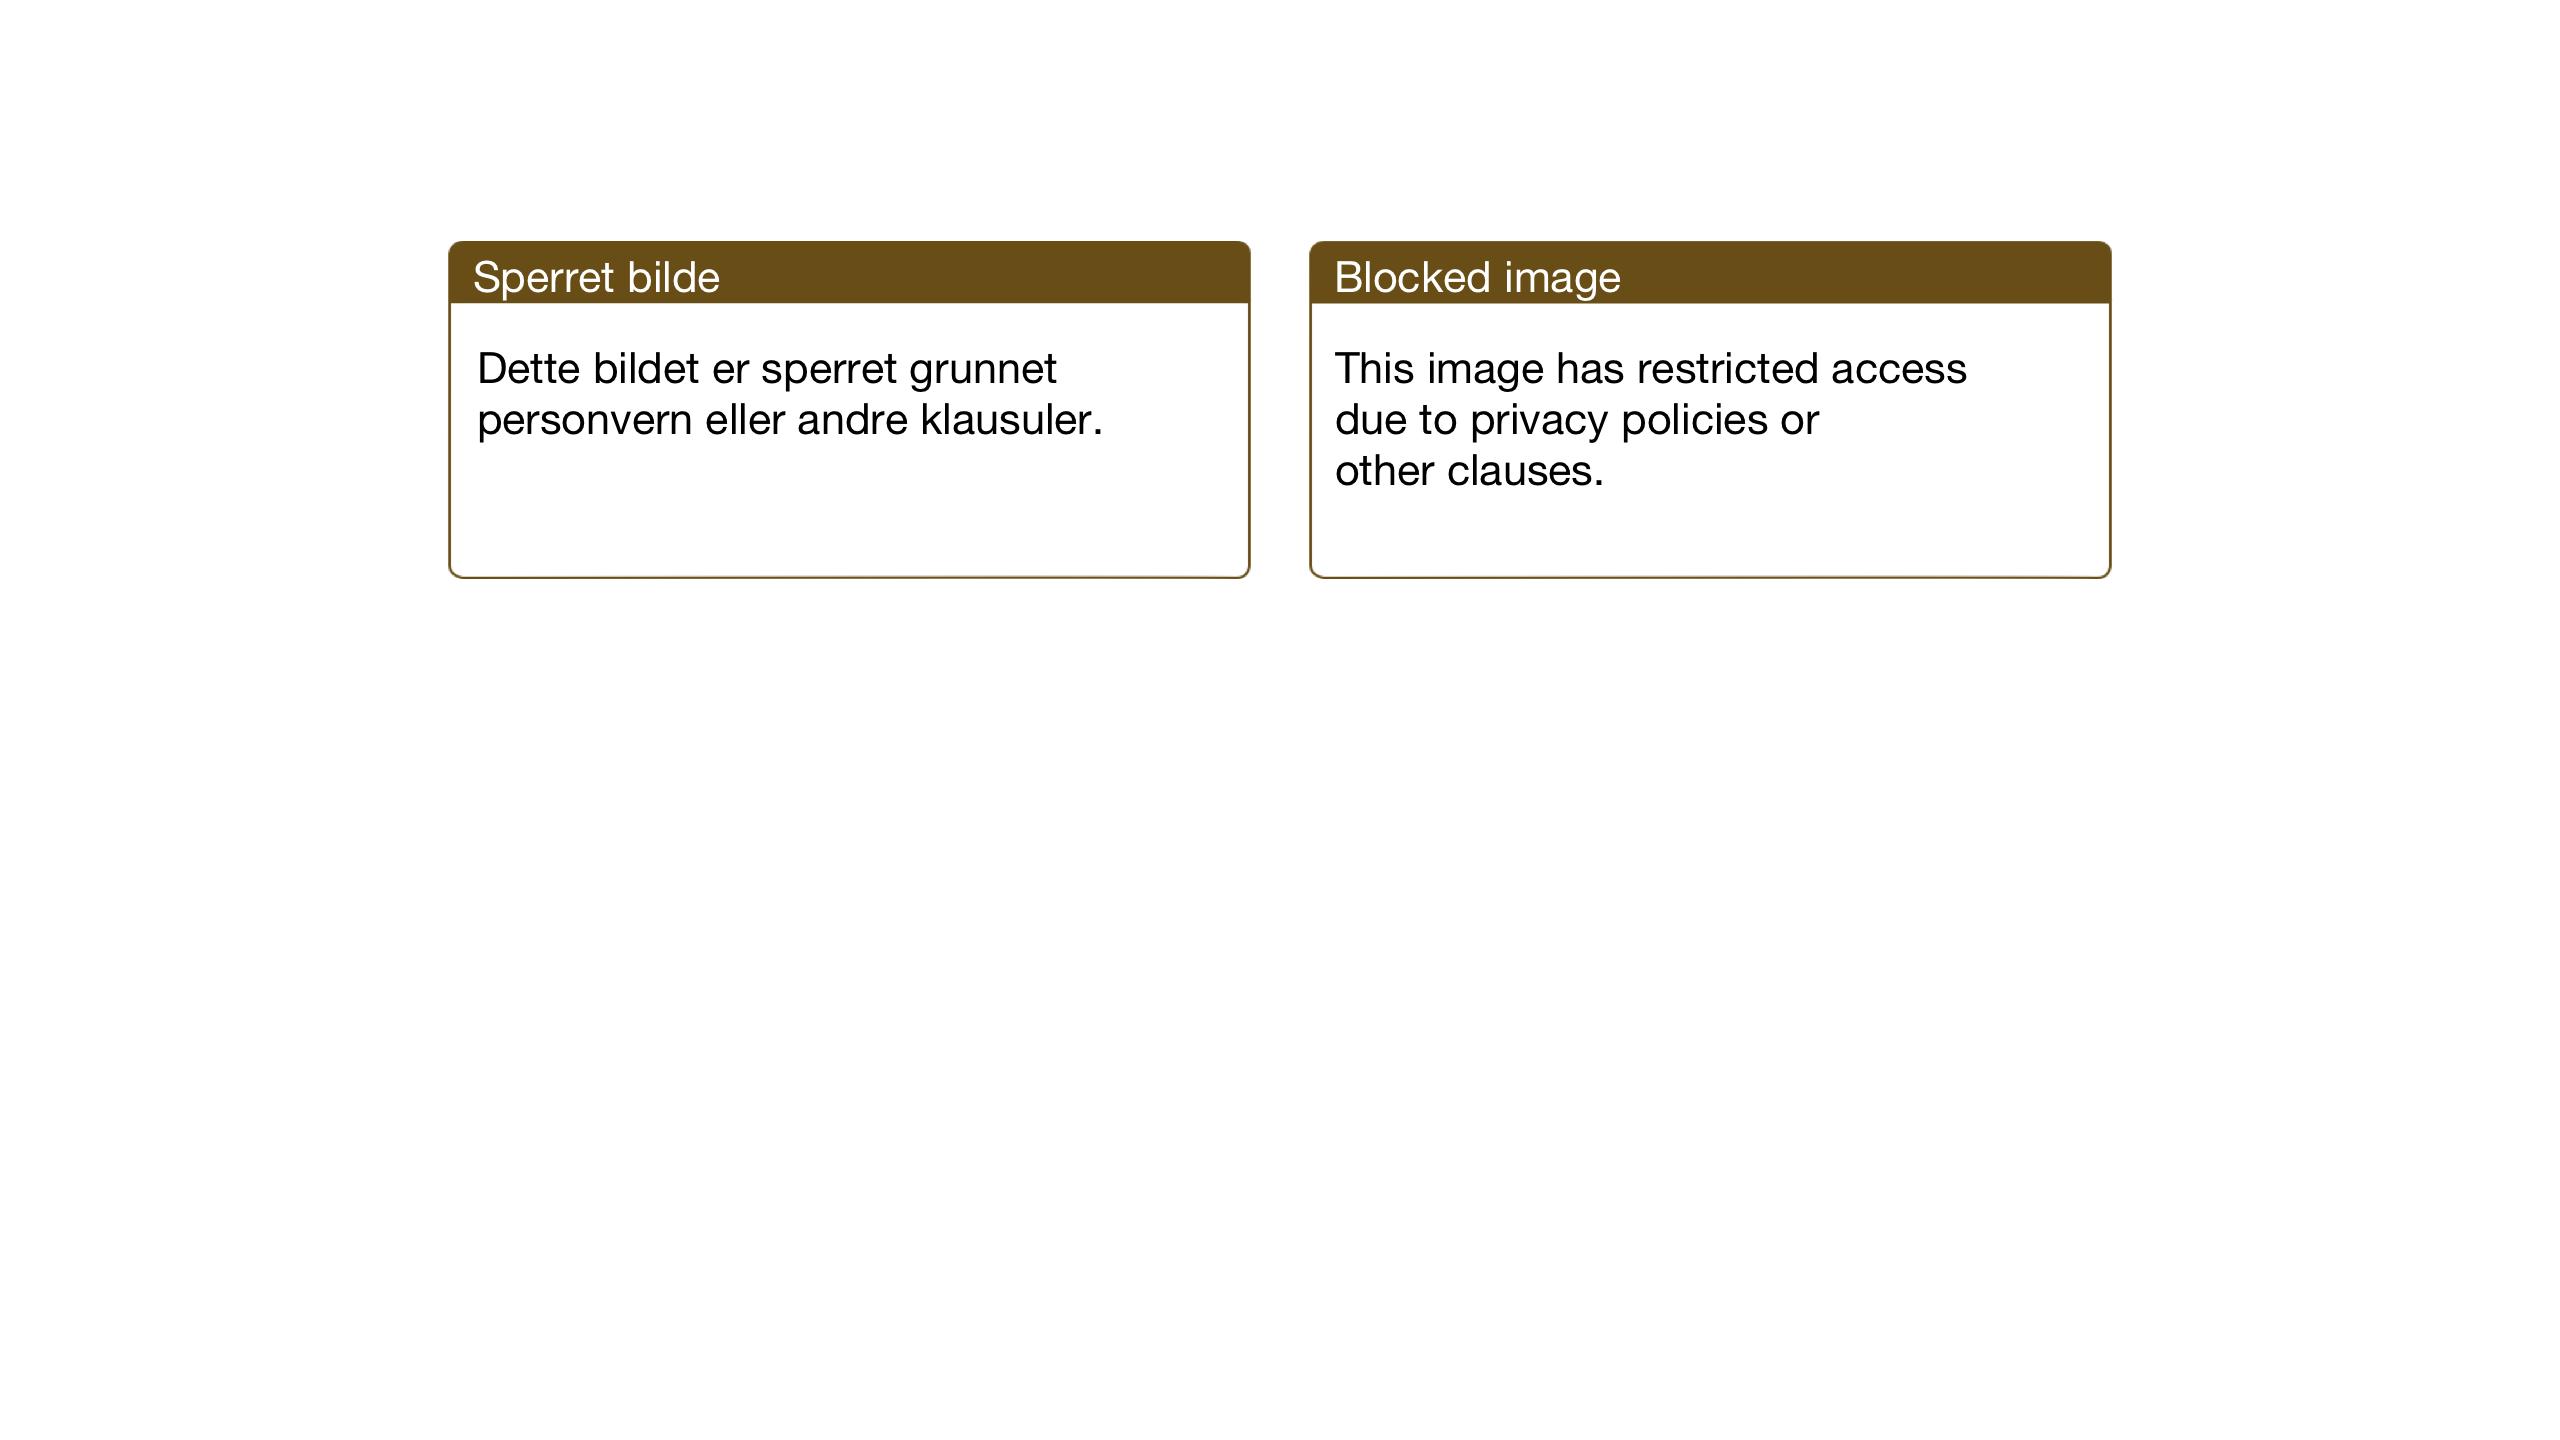 SAT, Ministerialprotokoller, klokkerbøker og fødselsregistre - Sør-Trøndelag, 689/L1045: Klokkerbok nr. 689C04, 1923-1940, s. 34